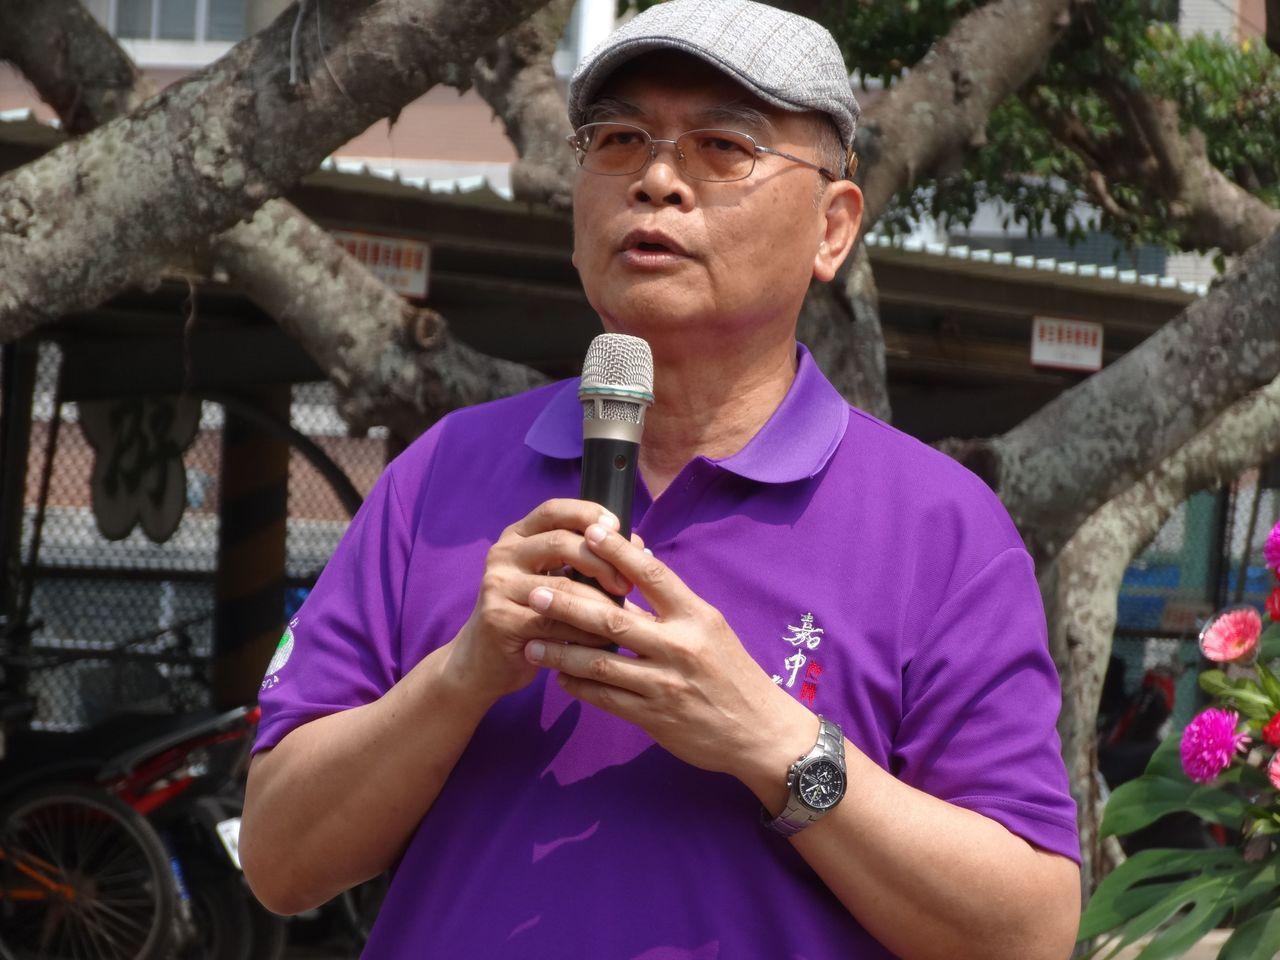 本名陳啟佑的名詩人渡也,是彰師大退休教授。本報資料照片